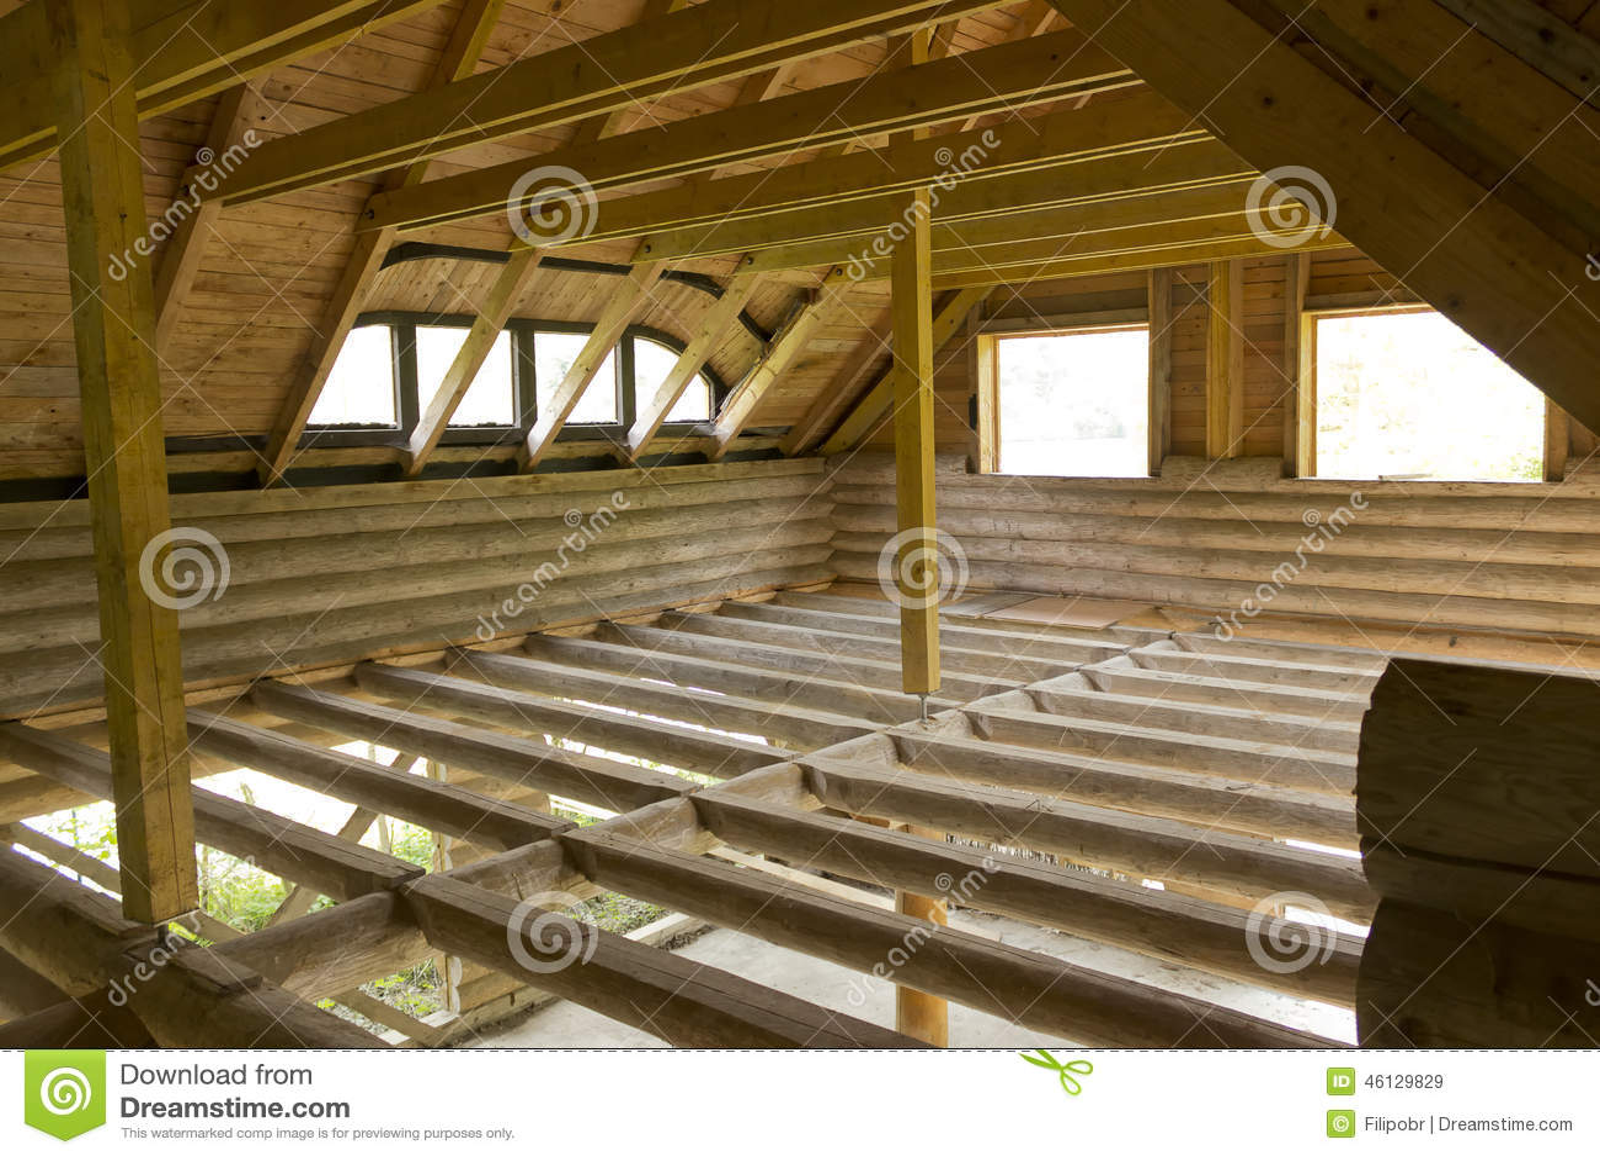 Assoalho inacabado do sótão da cabine de madeira